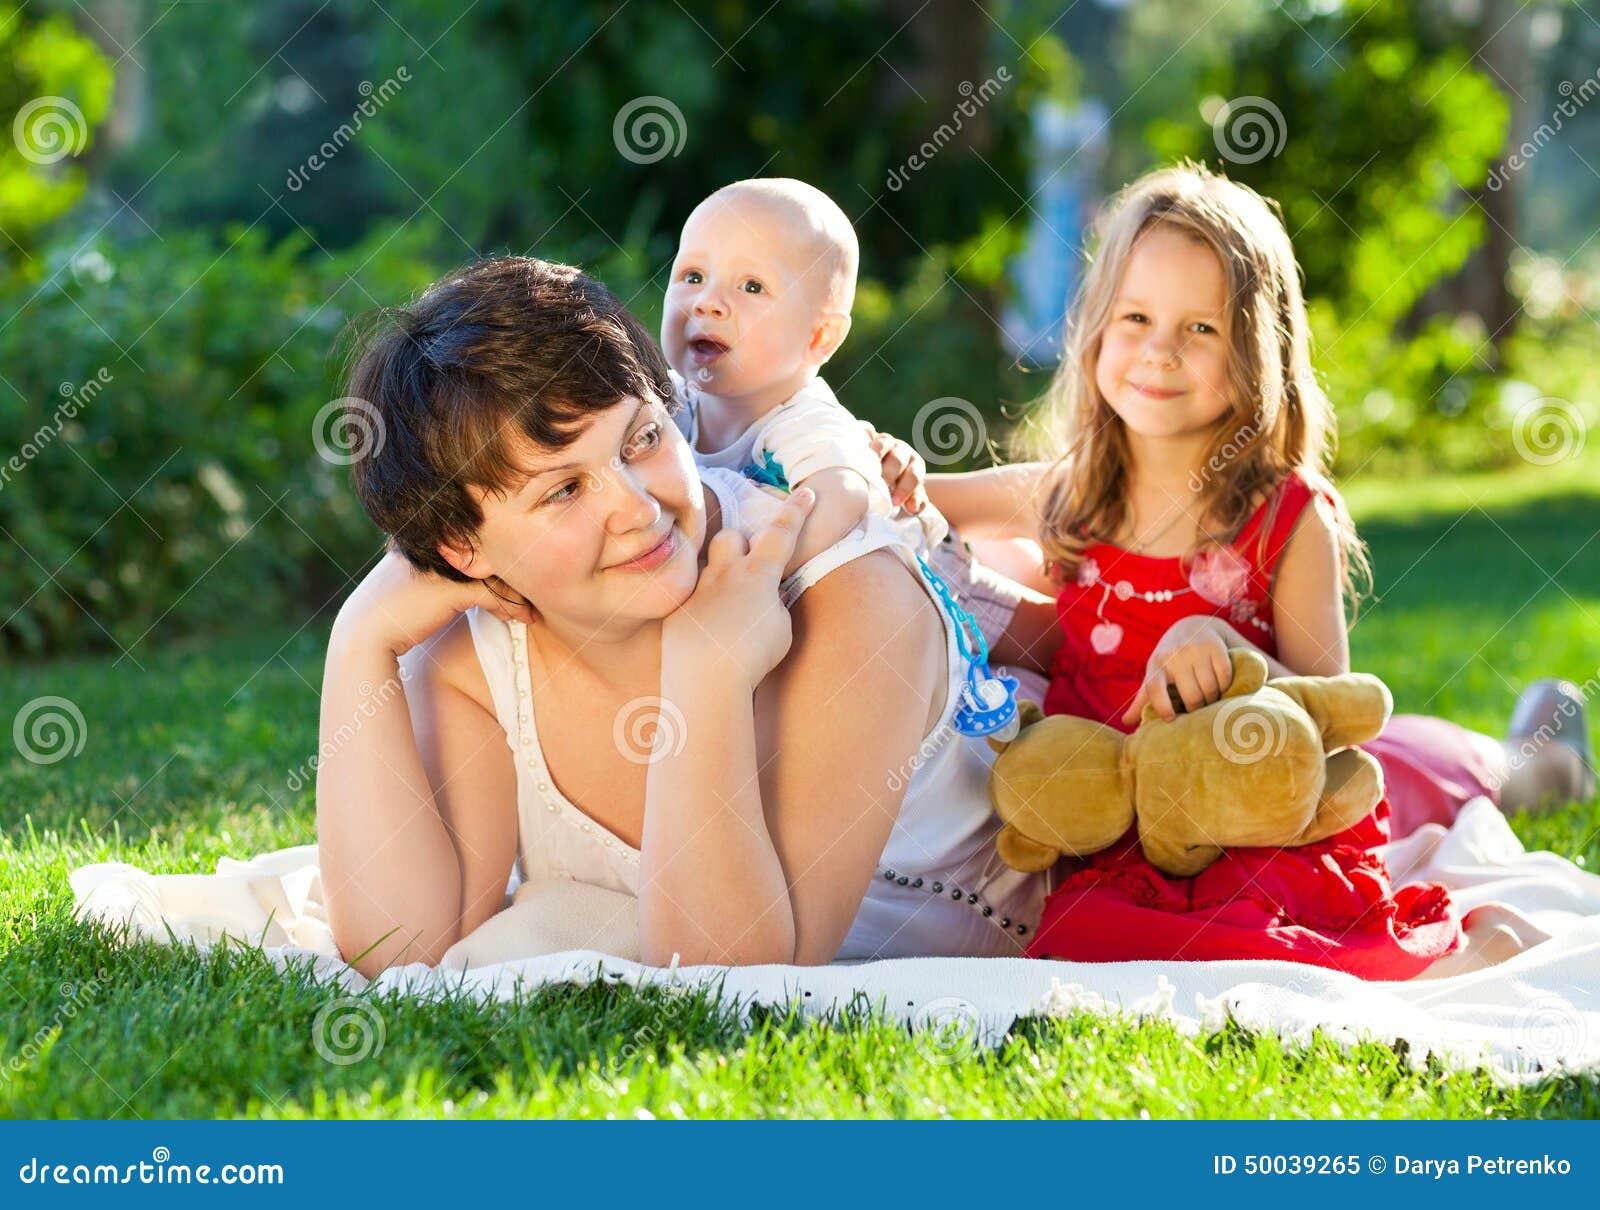 Фото мамаш і синів 20 фотография